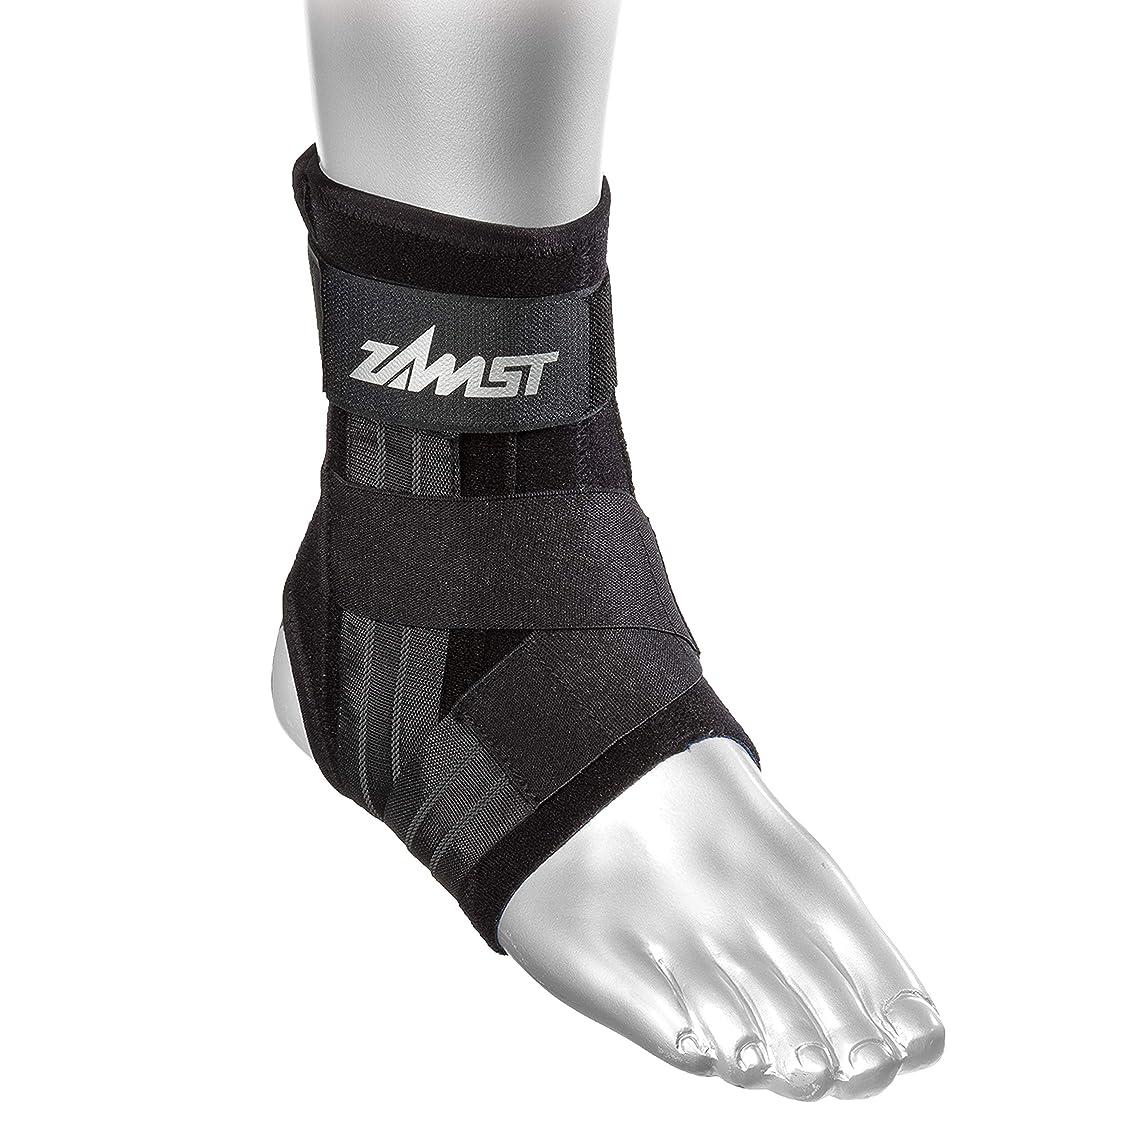 Zamst A1 Right Ankle Brace, Black, Medium